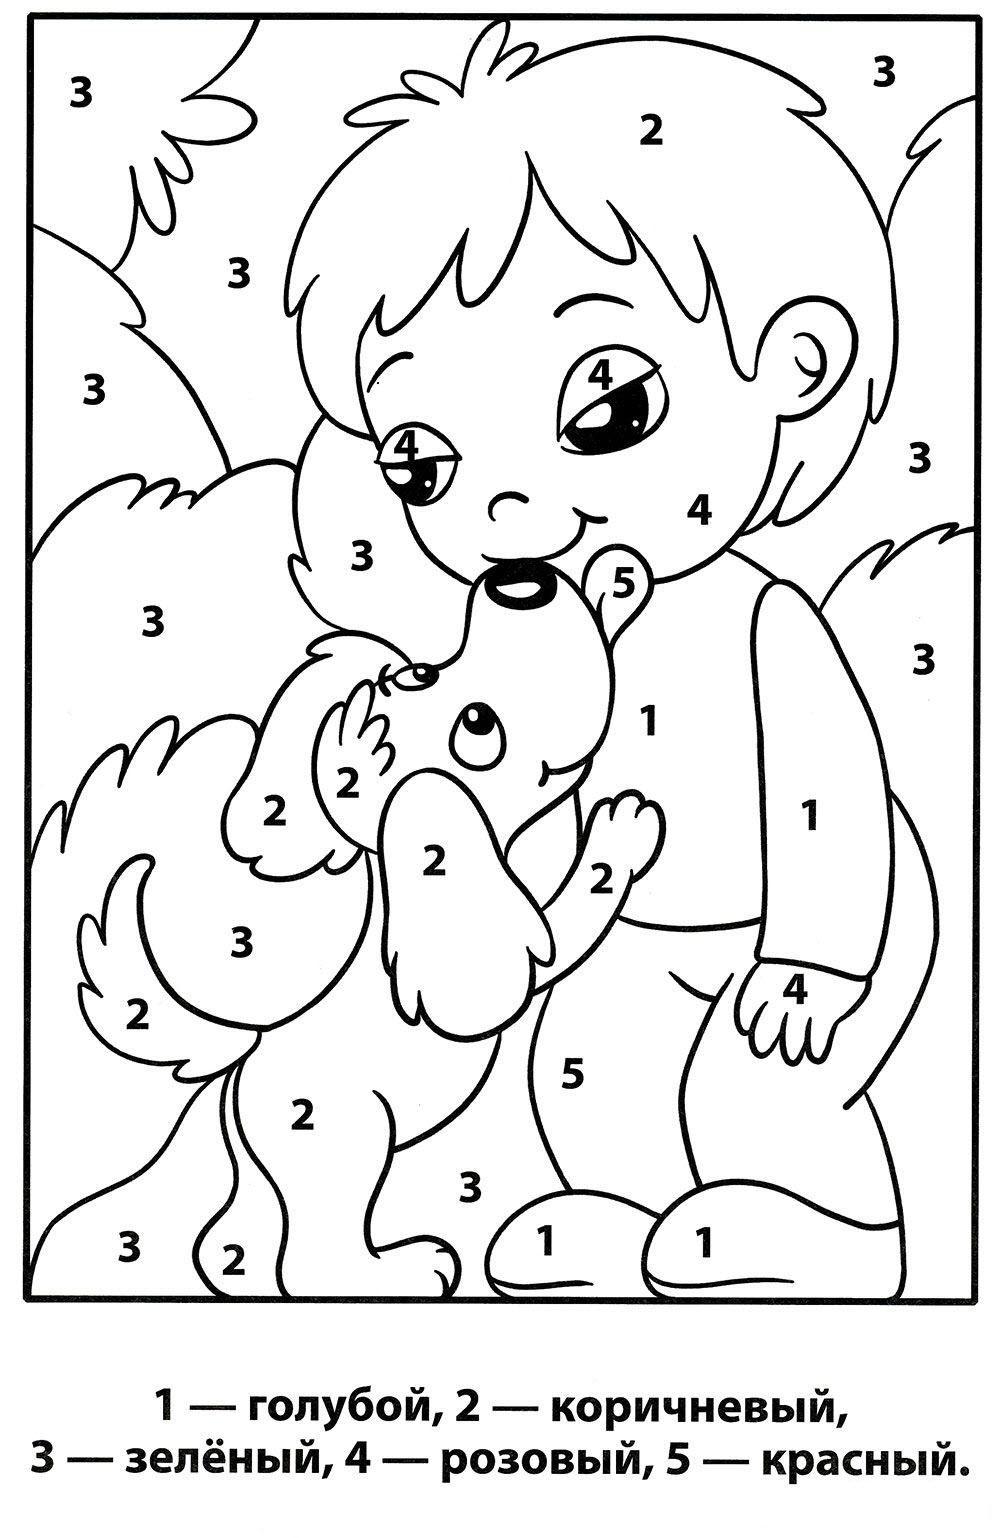 раскраска по номерам для детей 4 лет